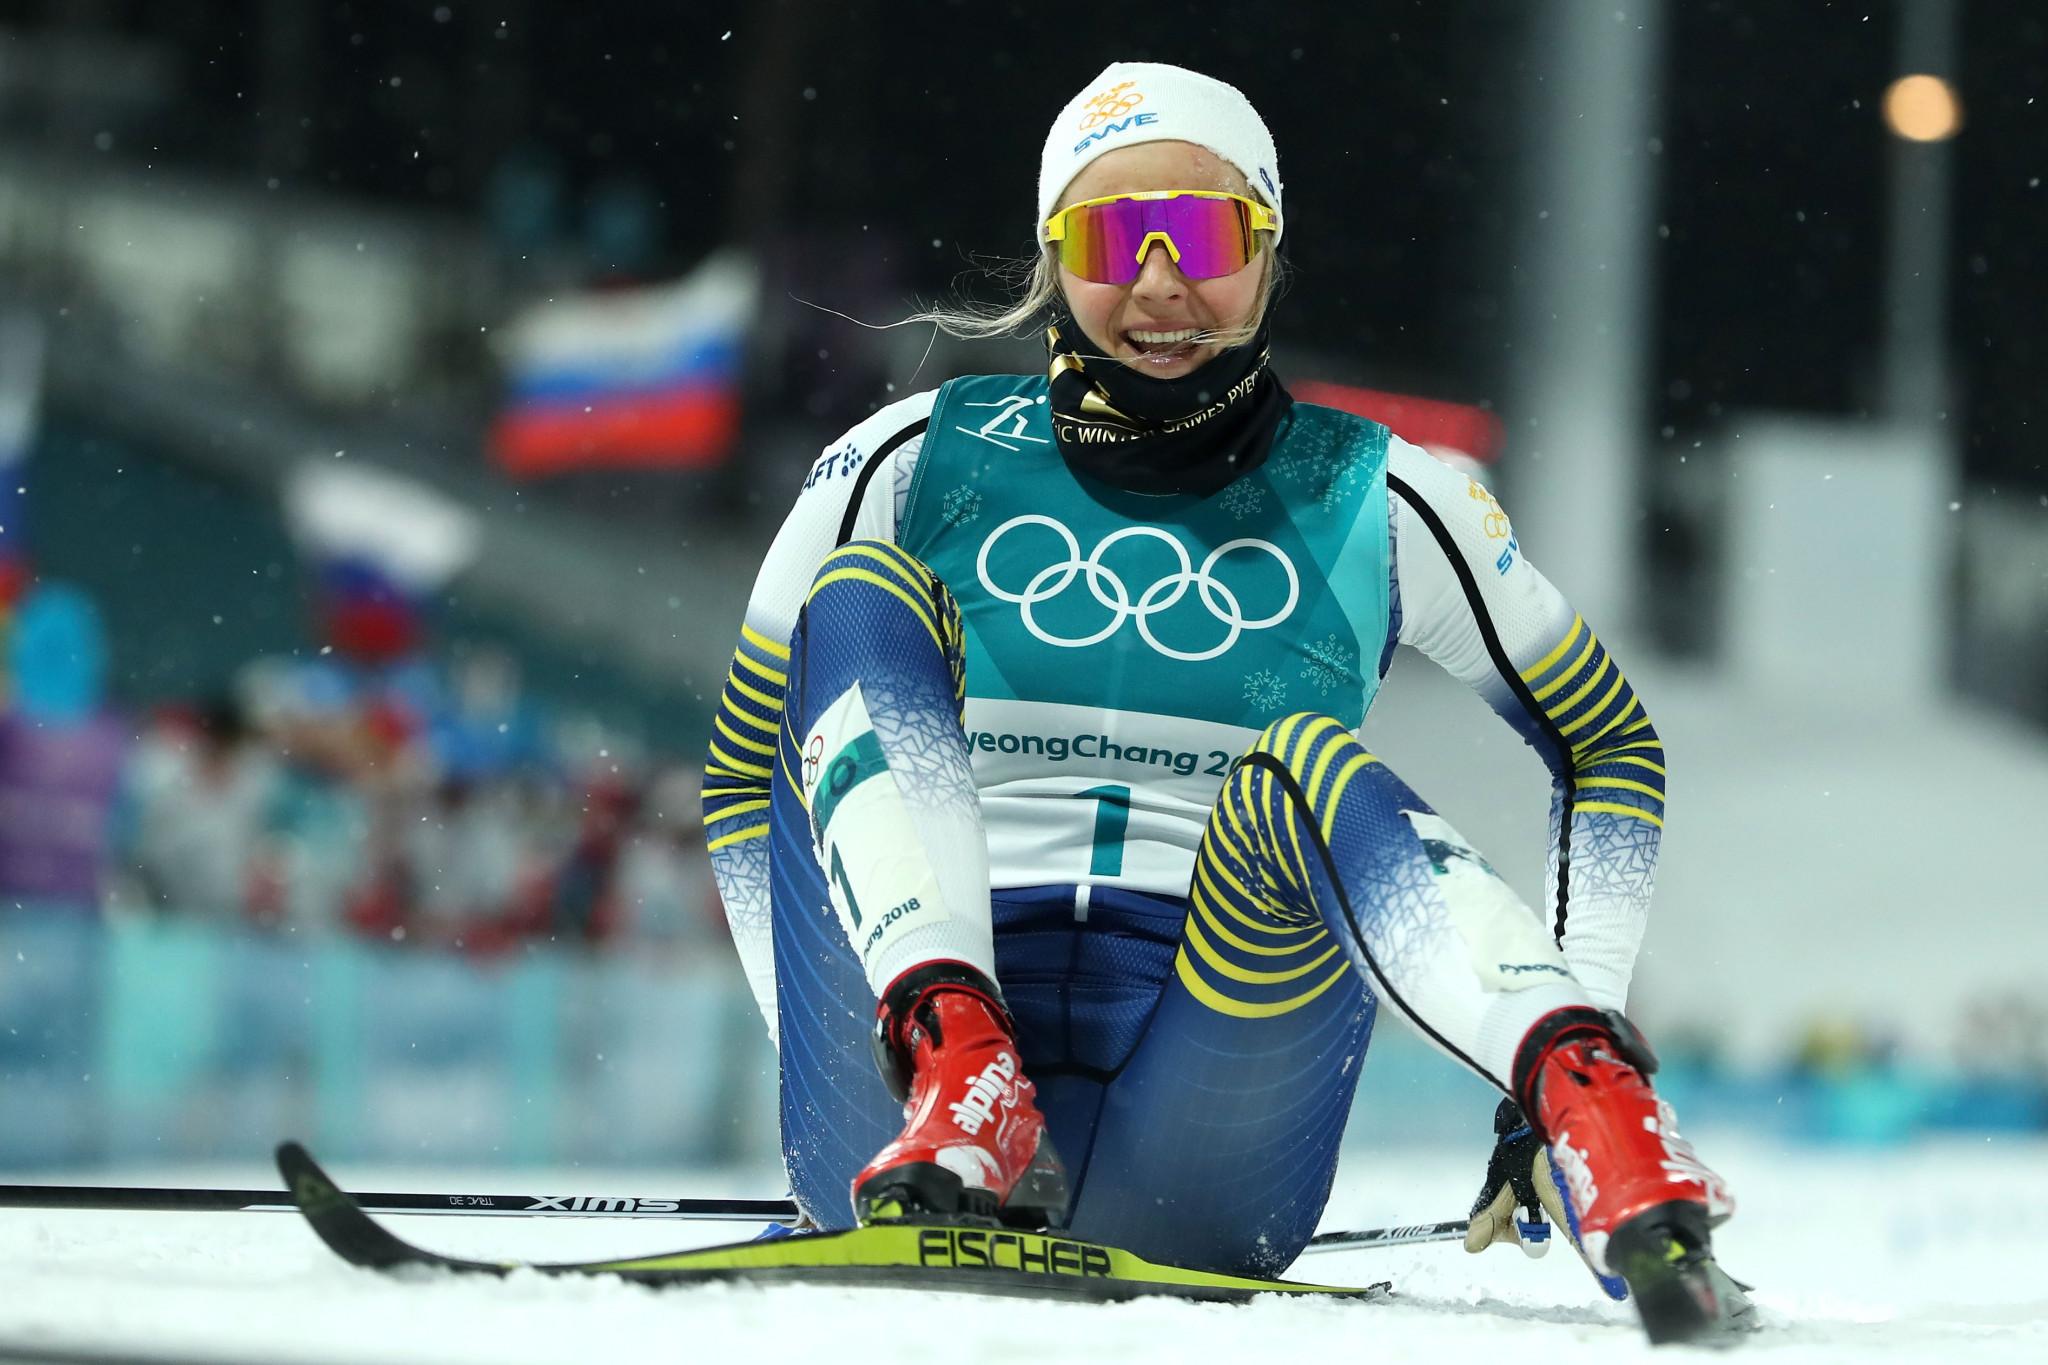 Nilsson and Klaebo win cross-country sprint titles at Pyeongchang 2018